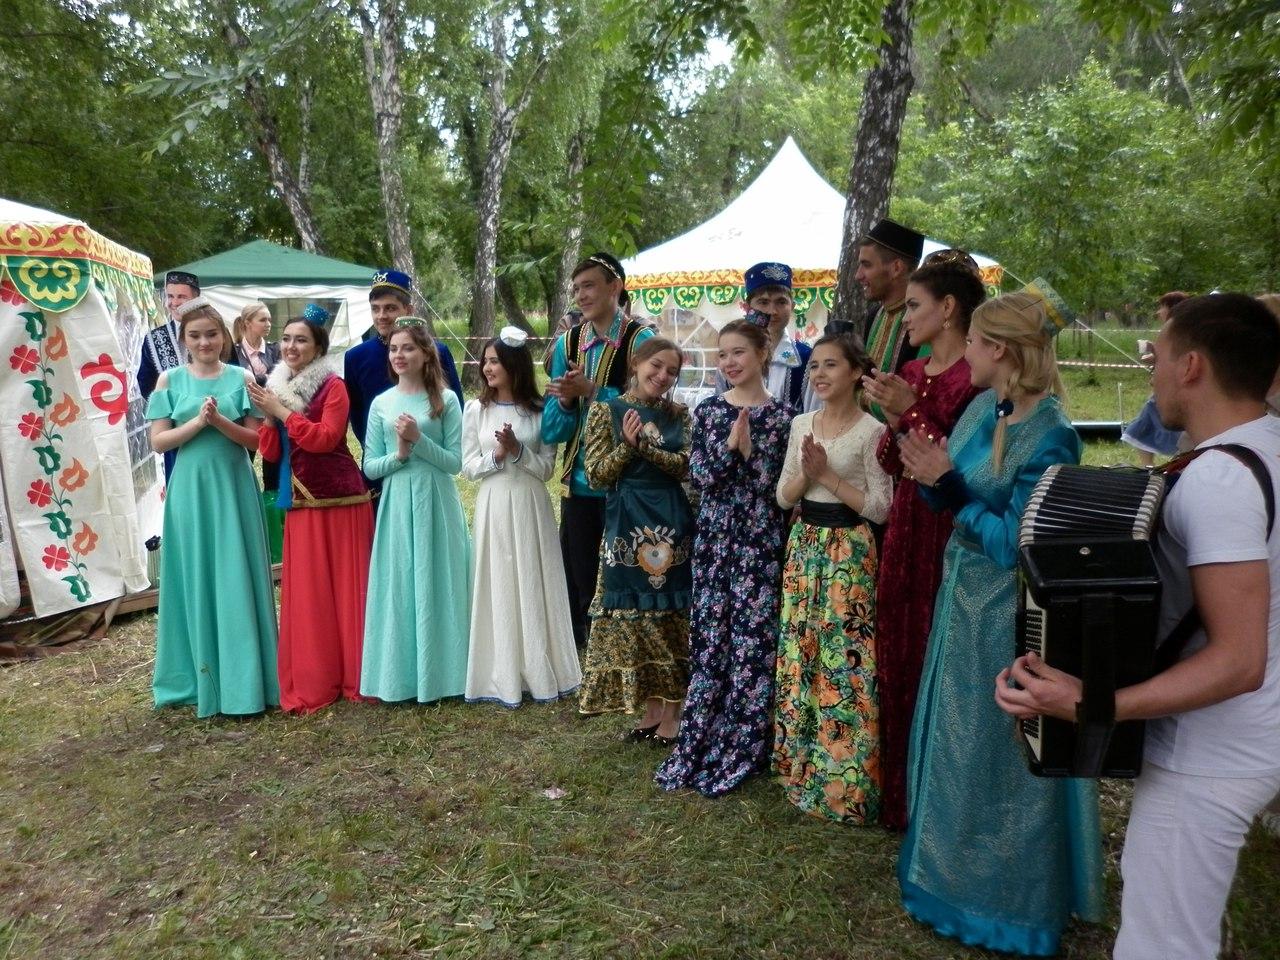 В Челябинске прошел масштабный национальный праздник Сабантуй. Гостями Сабантуя, помимо челябинце